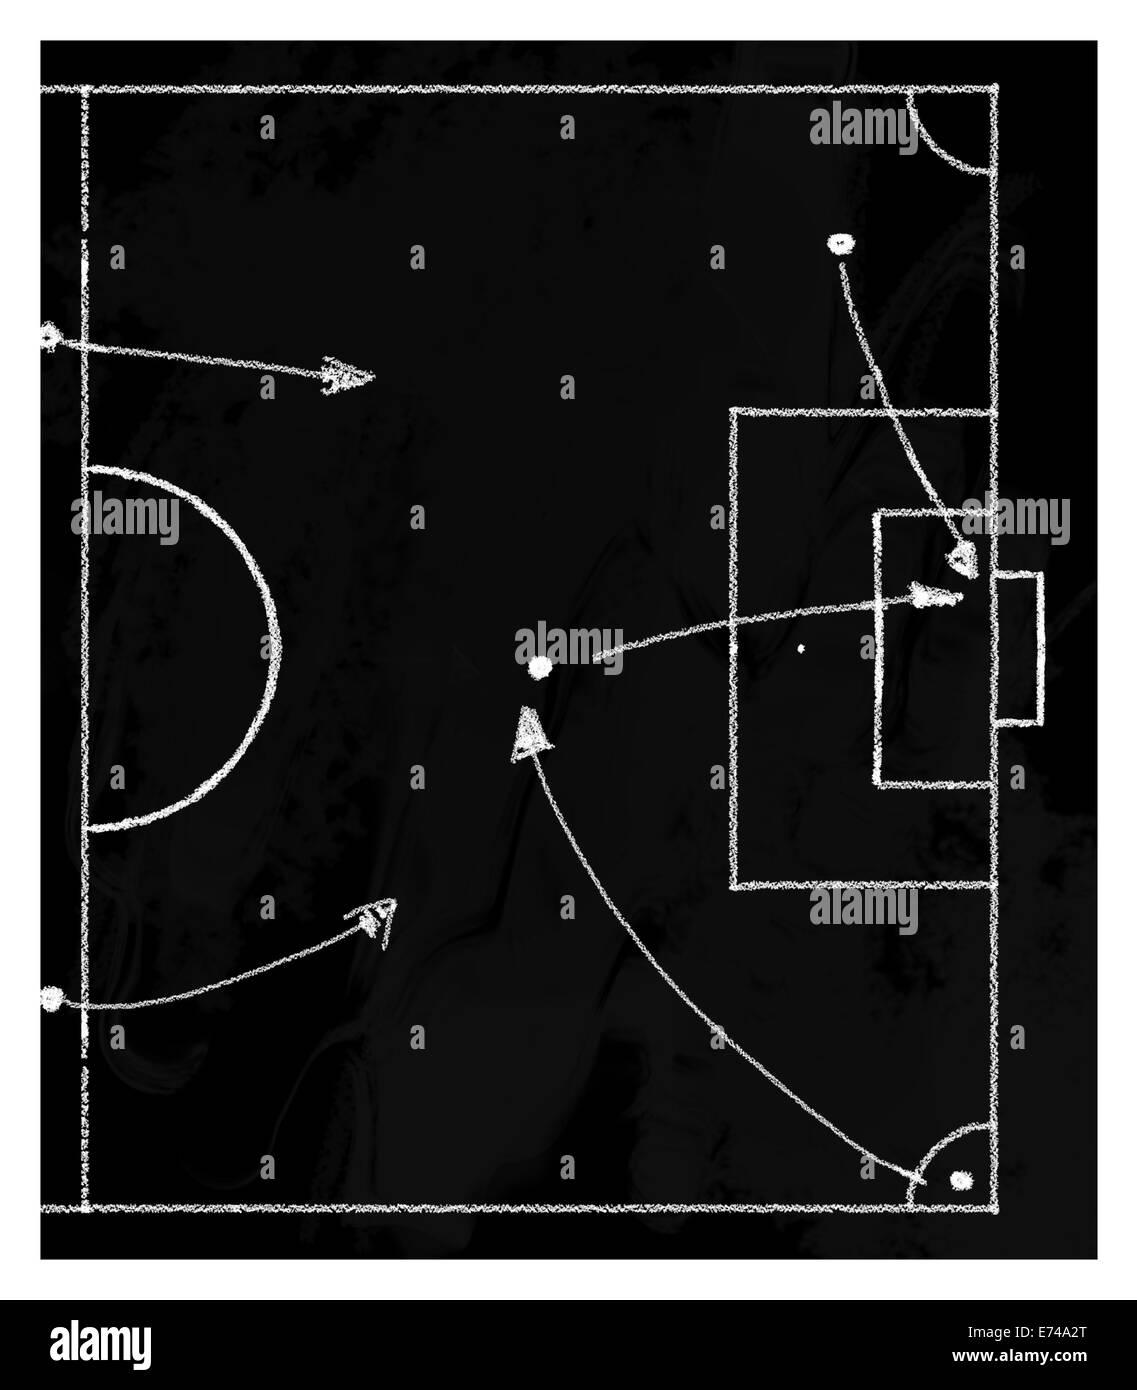 Schizzo di tattiche di calcio sulla lavagna Immagini Stock